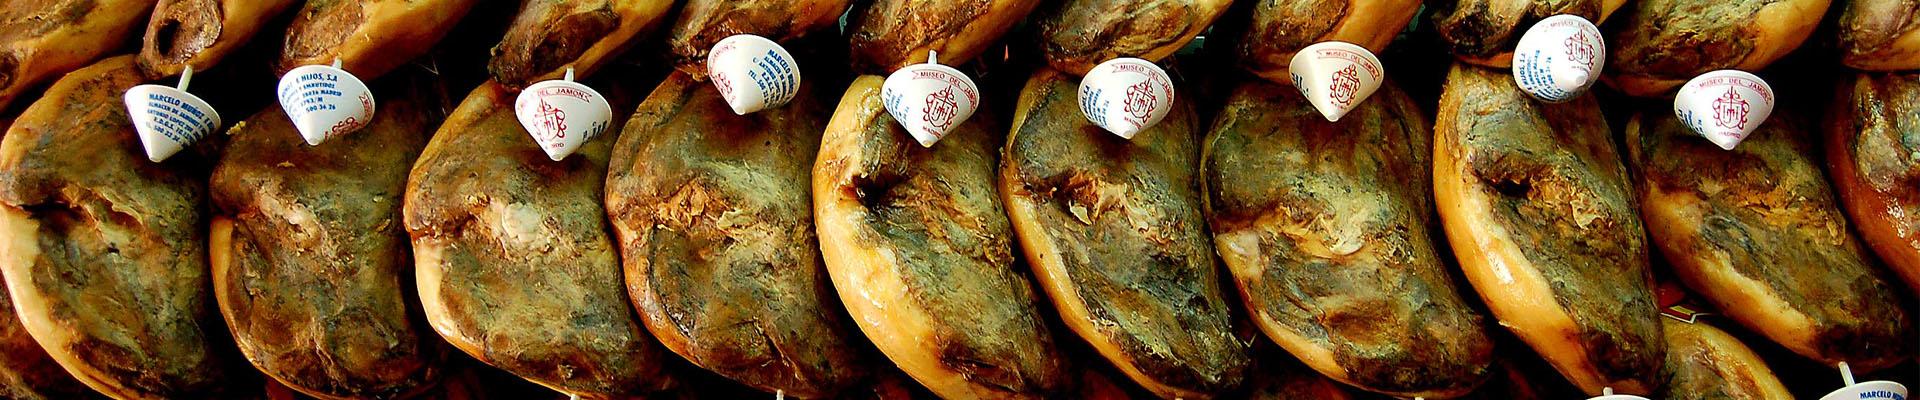 Хамон испанский деликатес